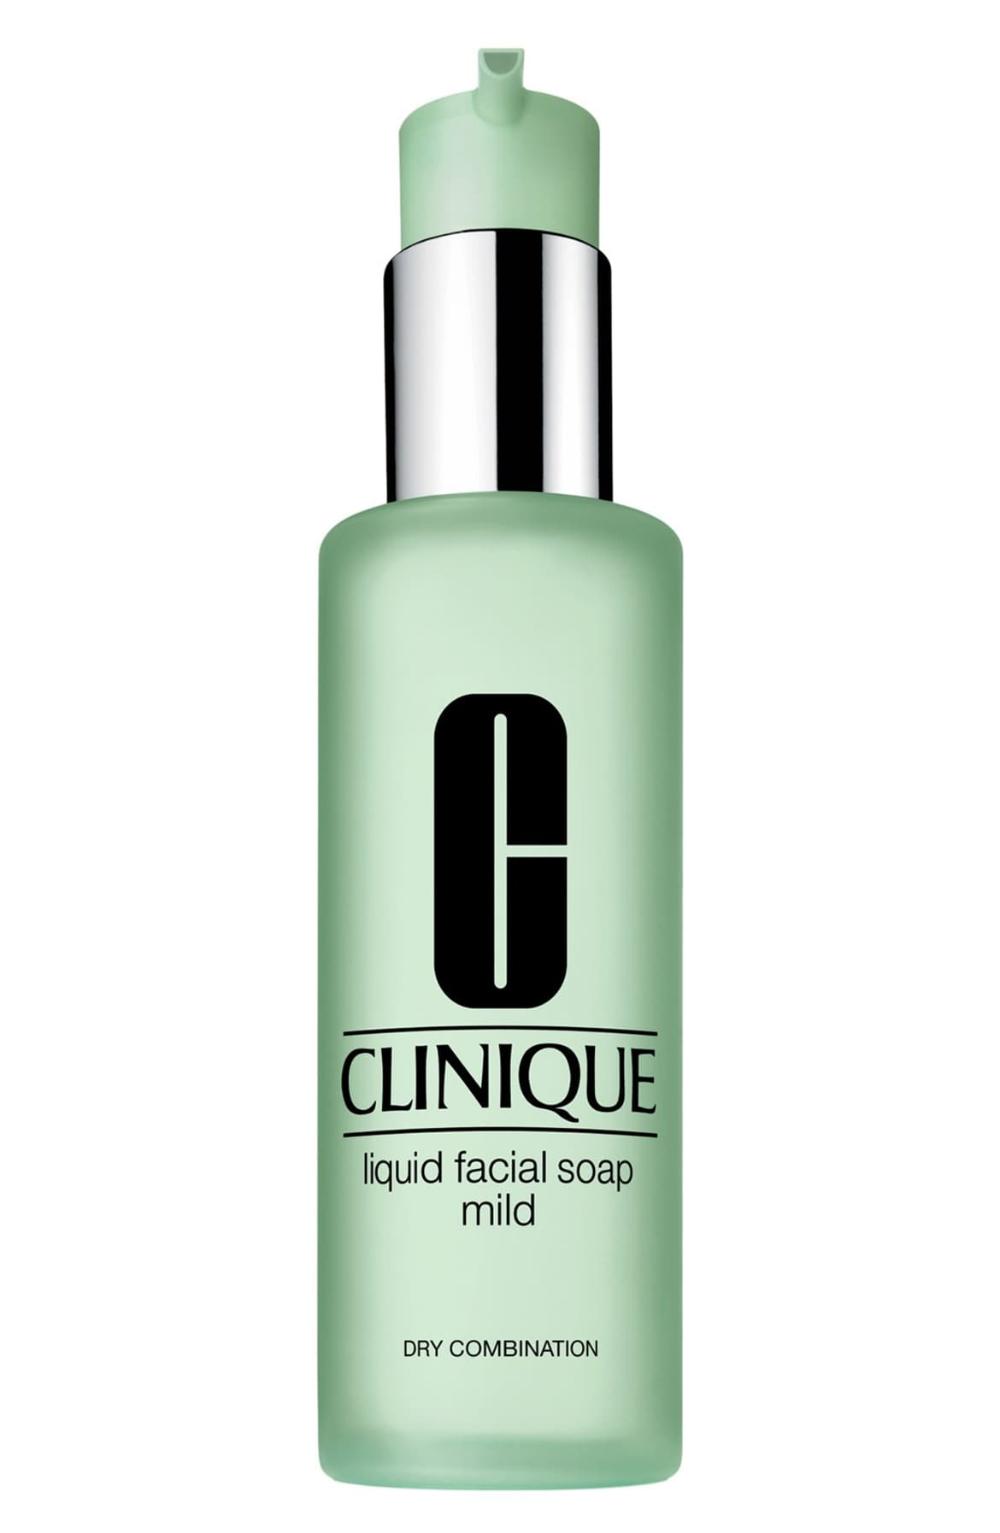 Clinique Liquid Facial Soap in 2020 Facial soap, Skin